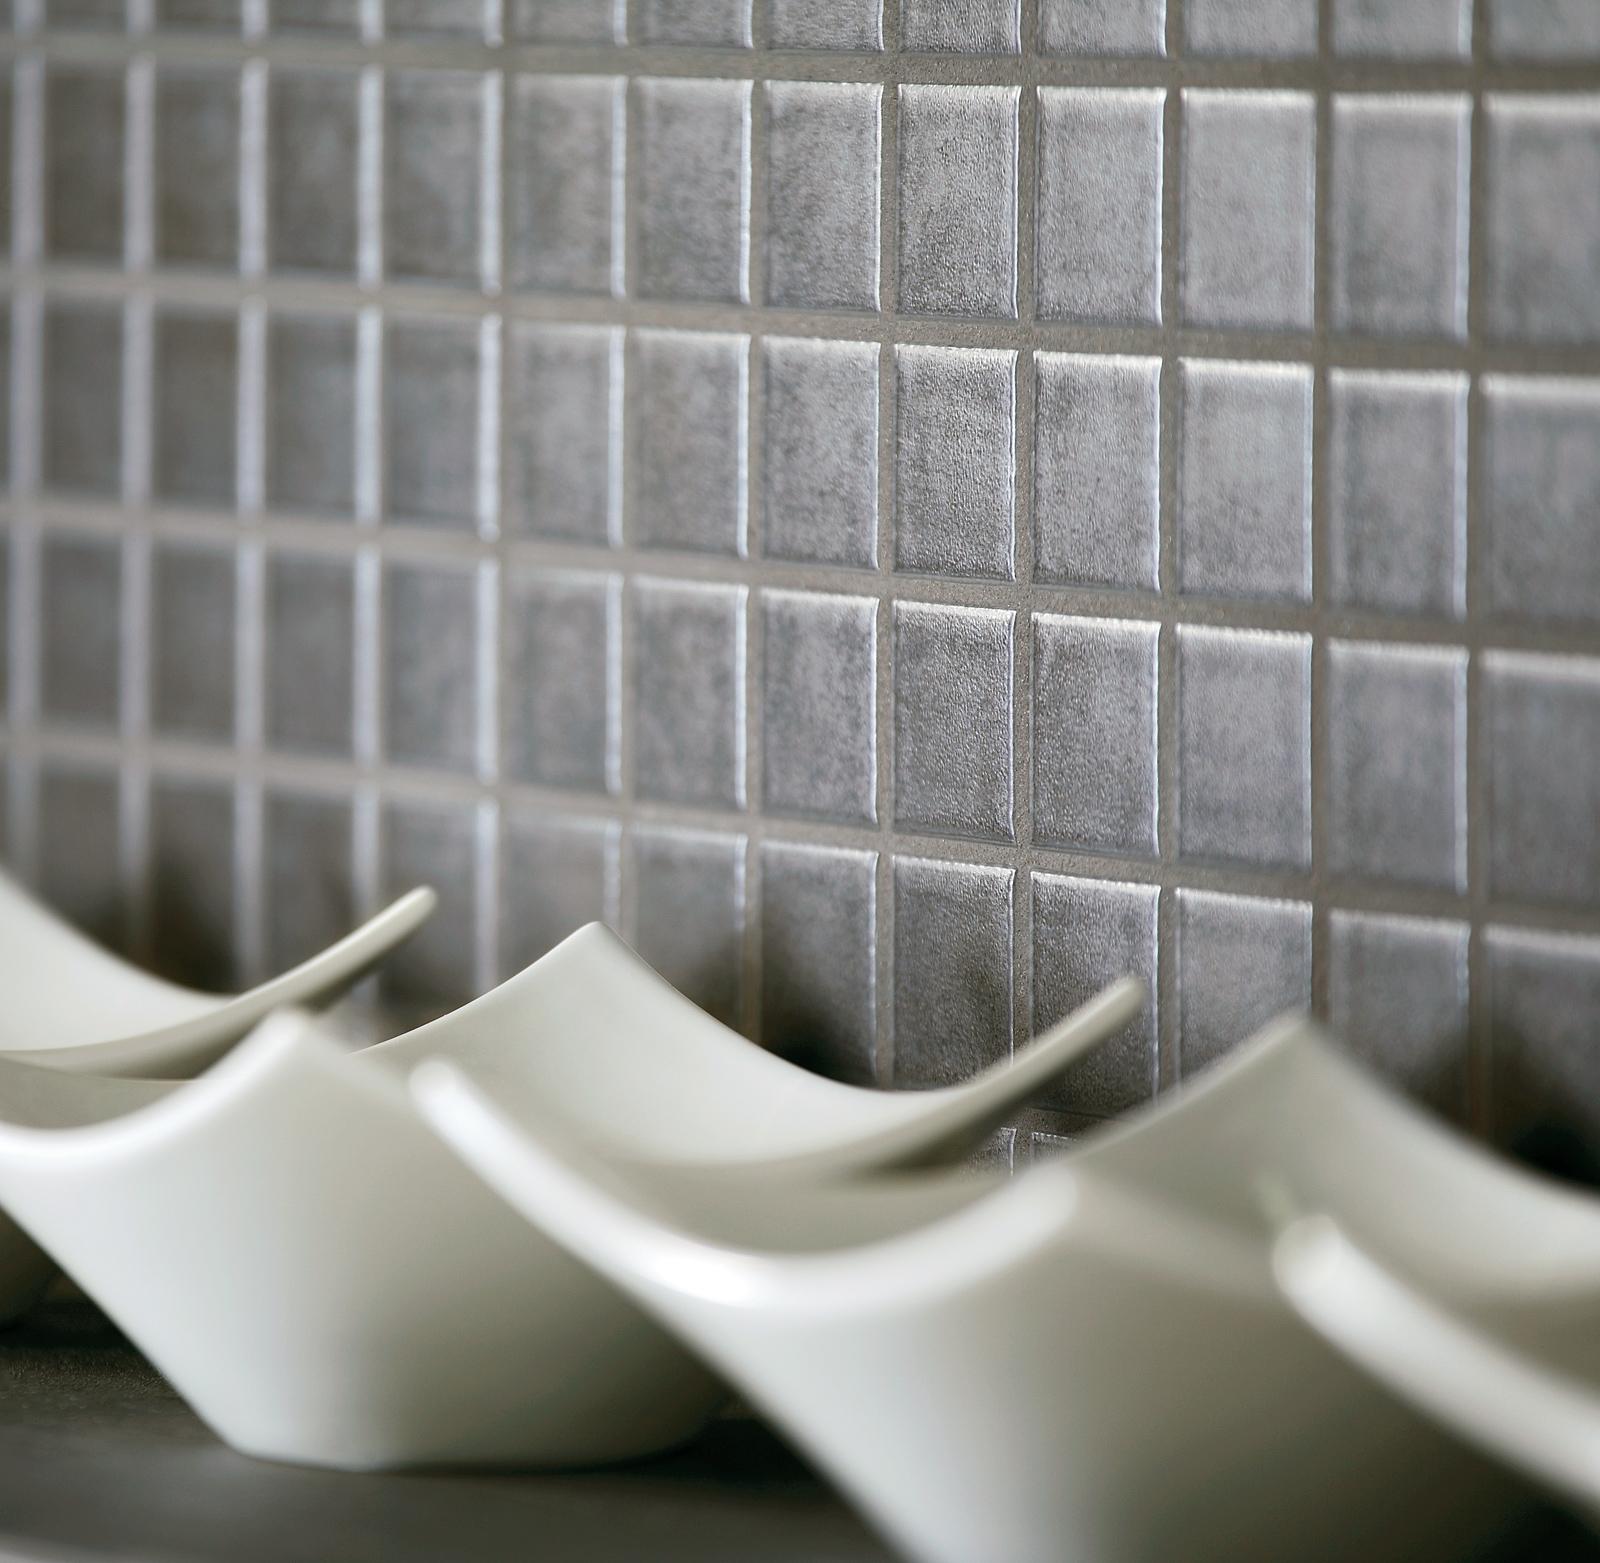 Keramikfliesen  Easy-Steinzeug für Fußböden und Wandverkleidungen | Marazzi